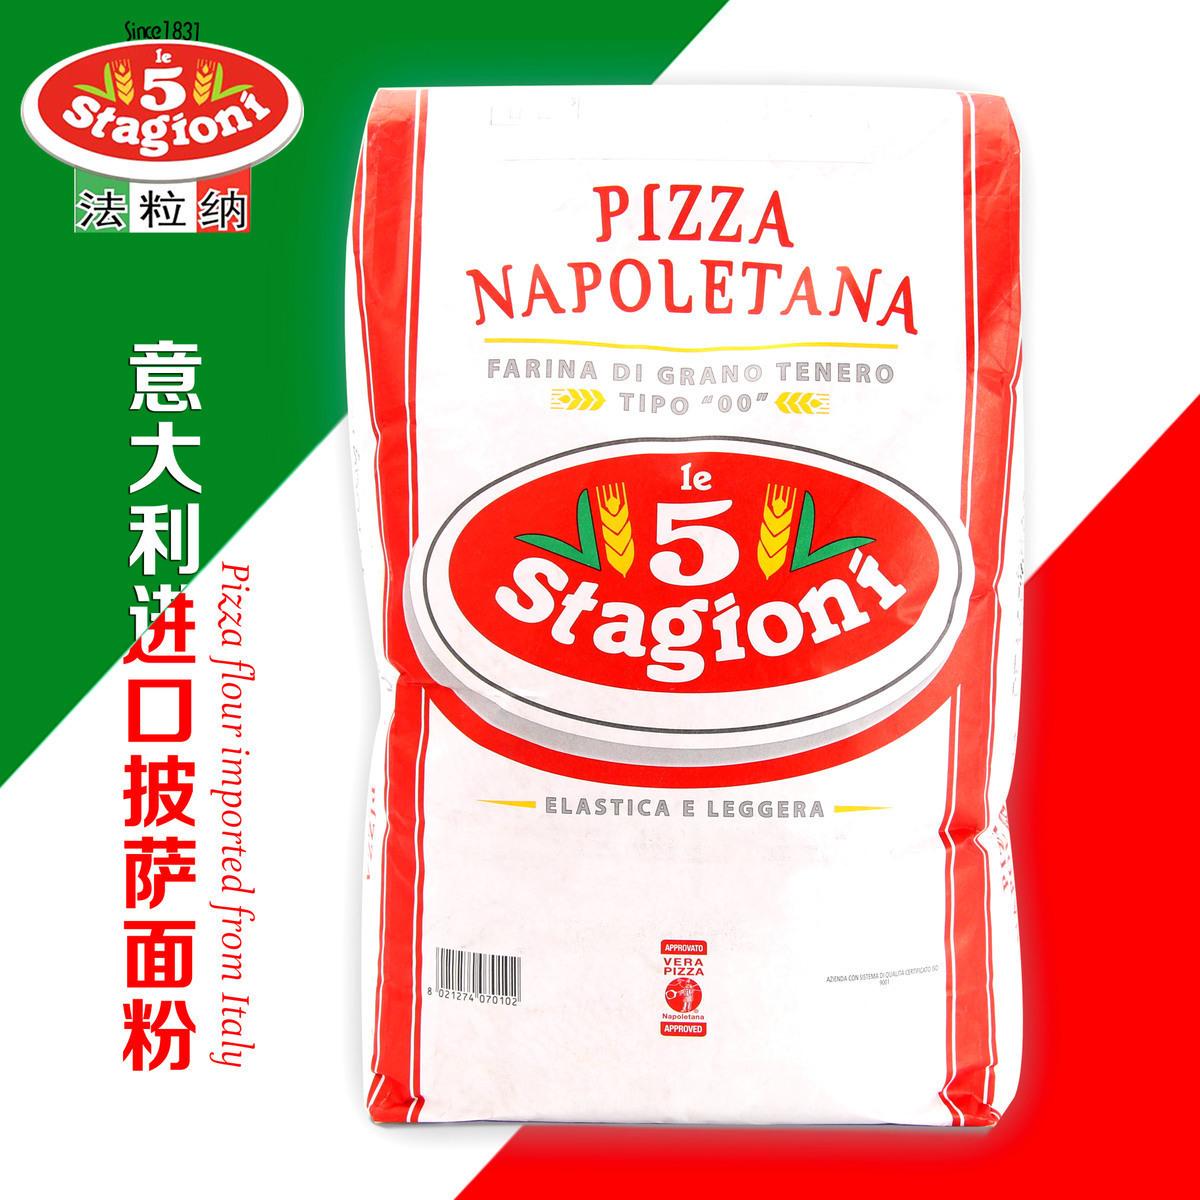 意大利进口披萨面粉5牌法粒纳00匹萨面粉10kg 上海乐汇意式比萨粉